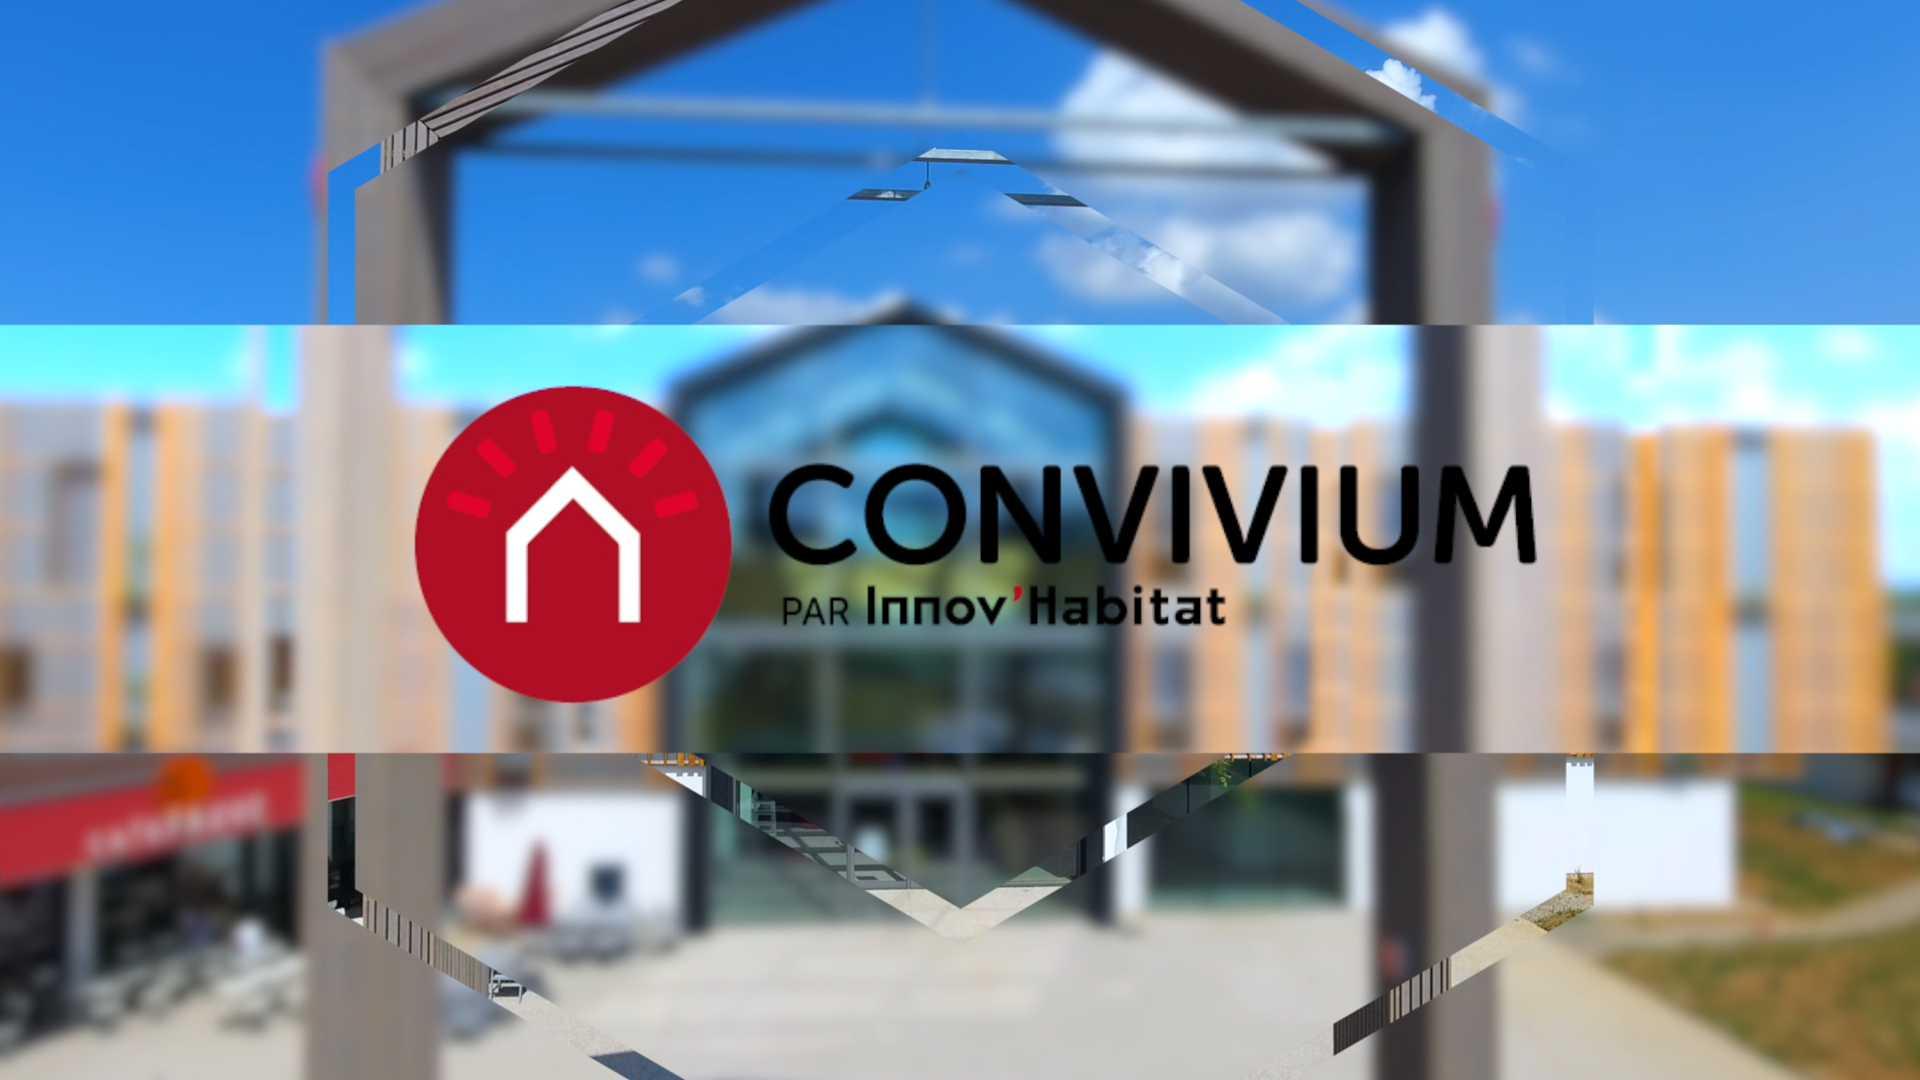 convivium-01